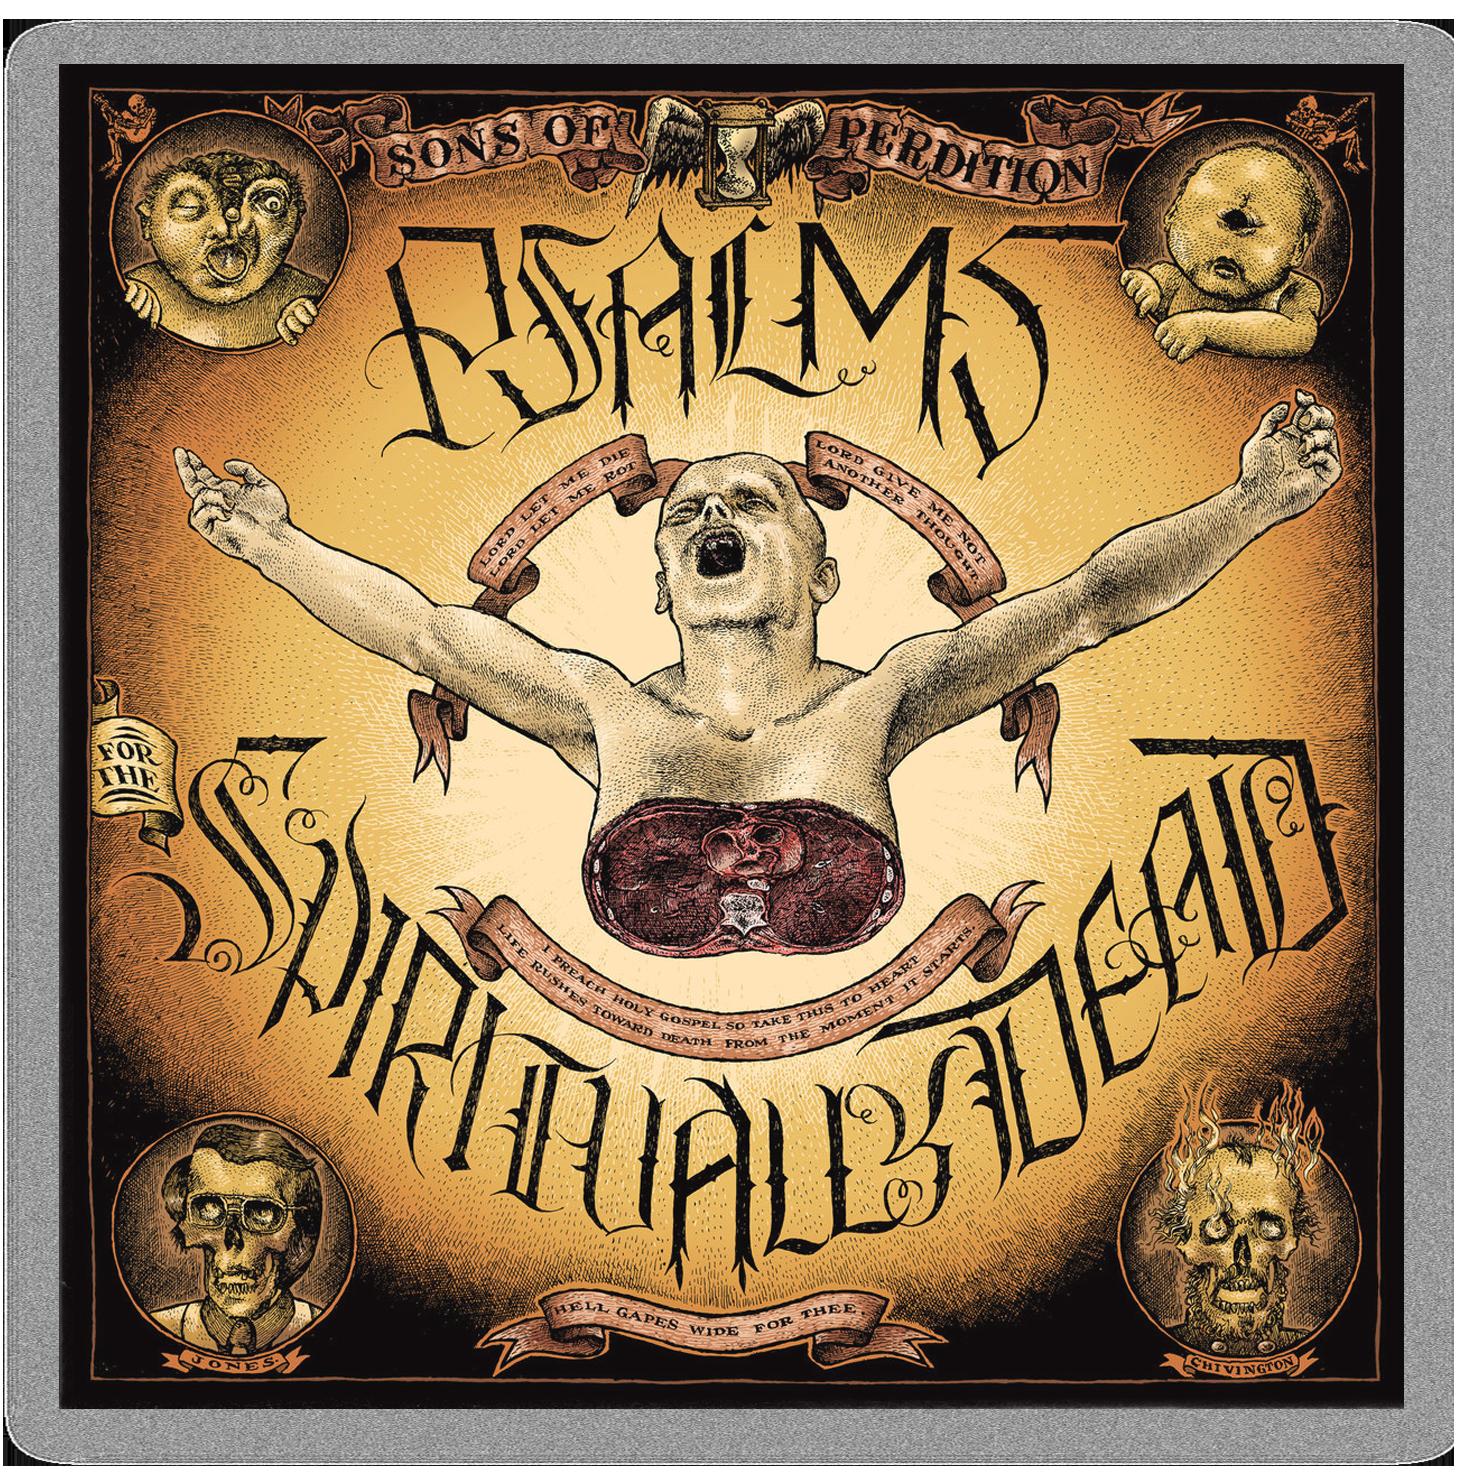 Psalms For The Spiritually Dead cover artwork by Christoph Mueller